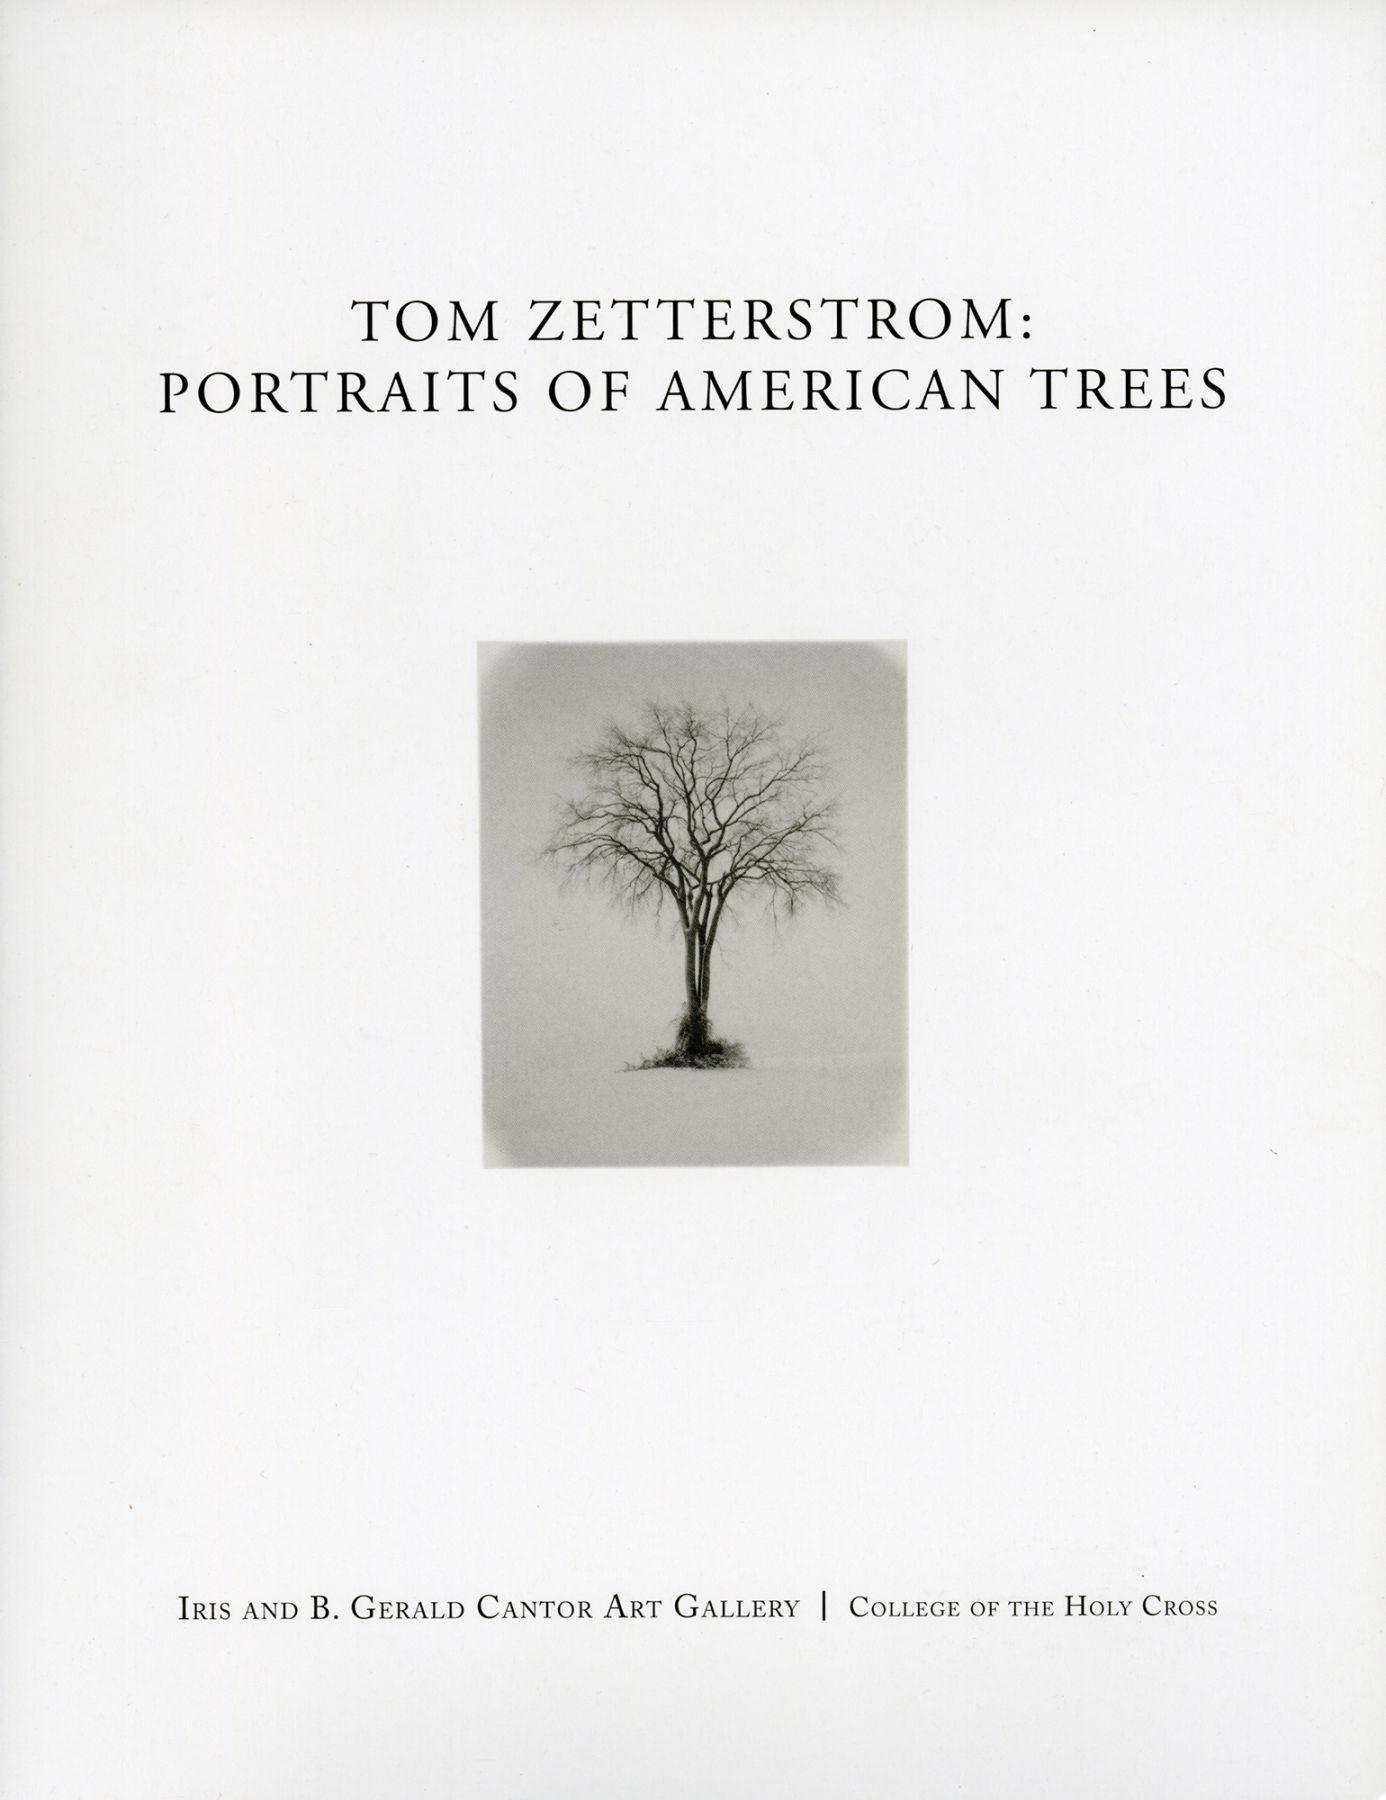 Tom Zetterstrom